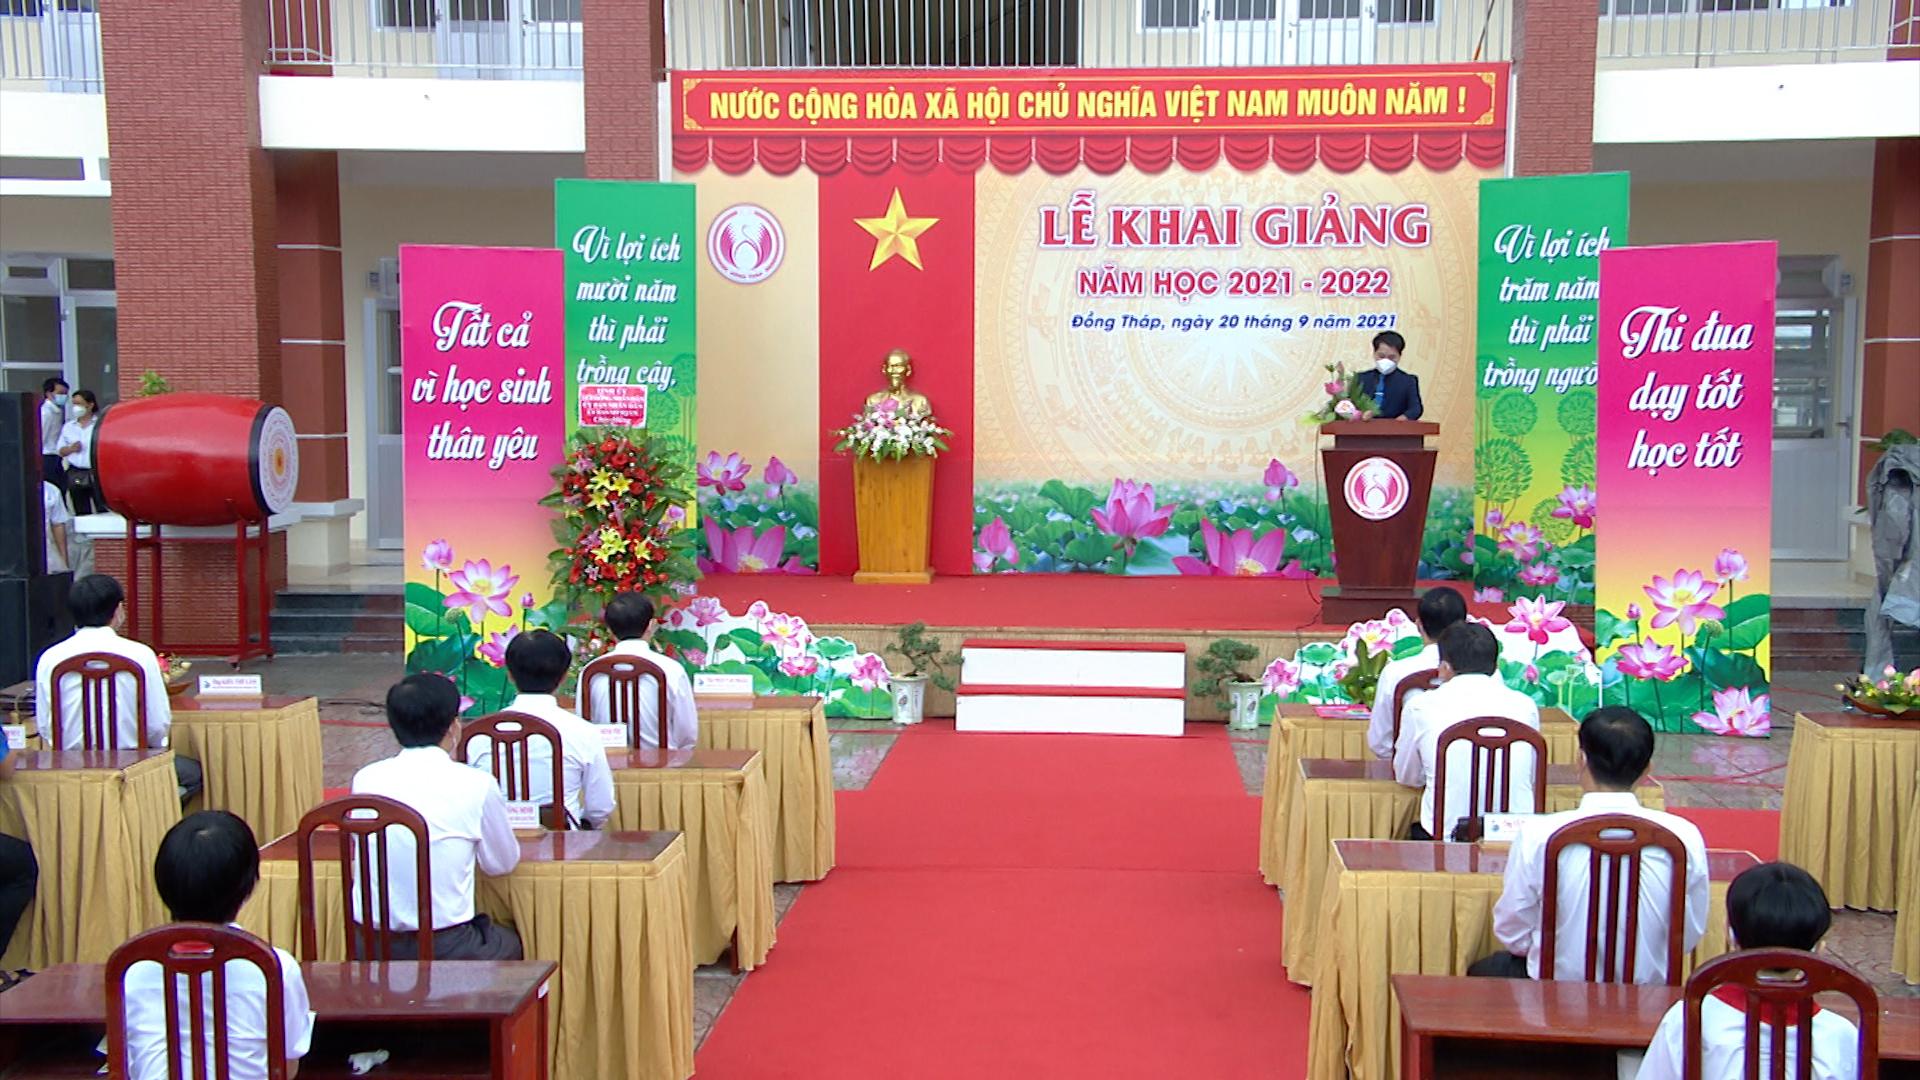 Lễ khai giảng năm học 2021 - 2022 tại Trường THCS Kim Hồng, TP. Cao Lãnh